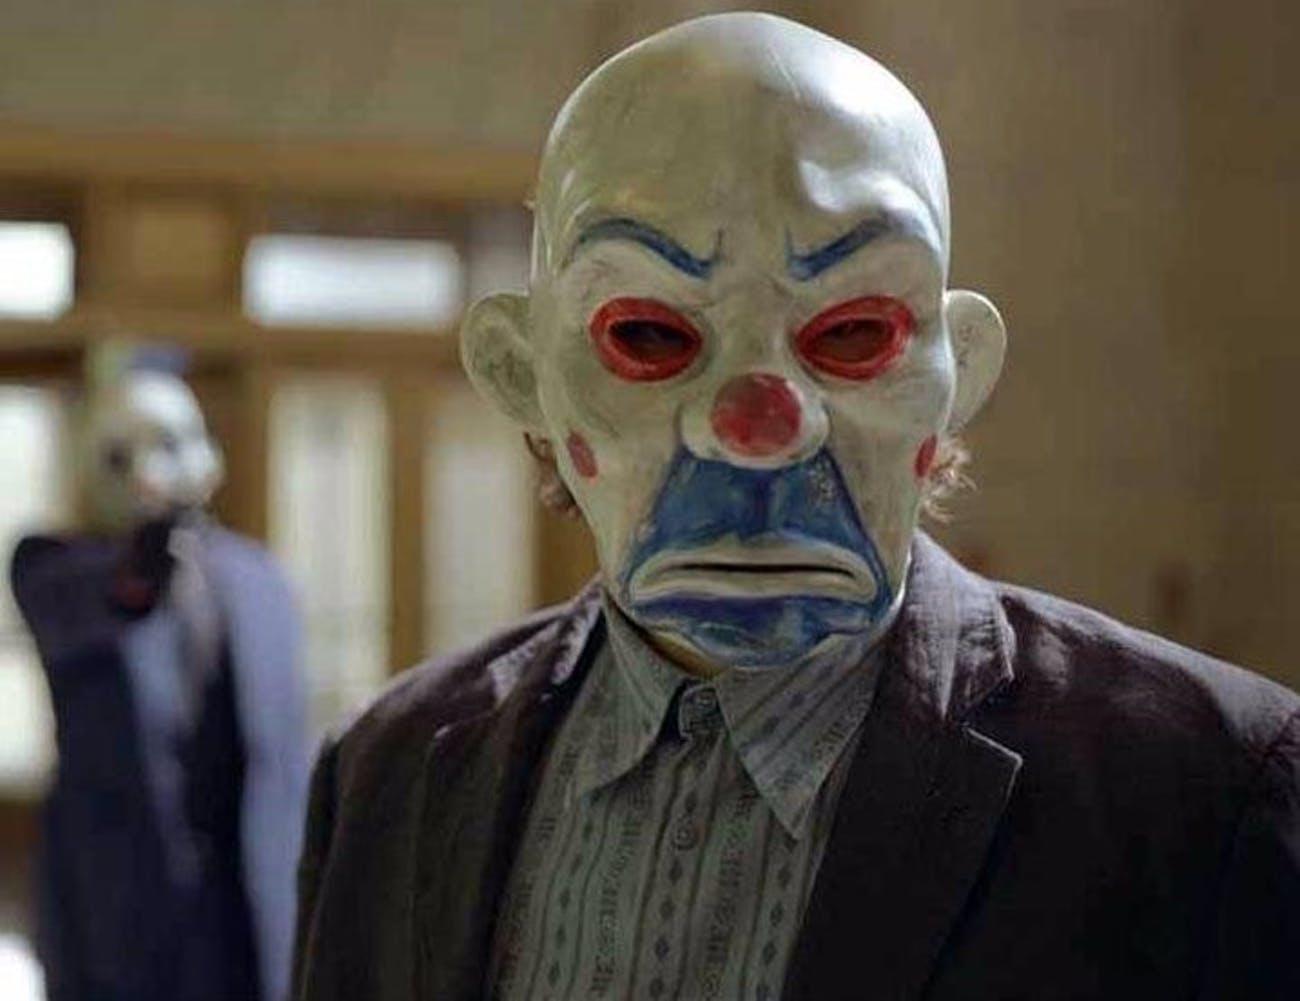 The Dark Knight: il Joker mascherato da ladro di banche